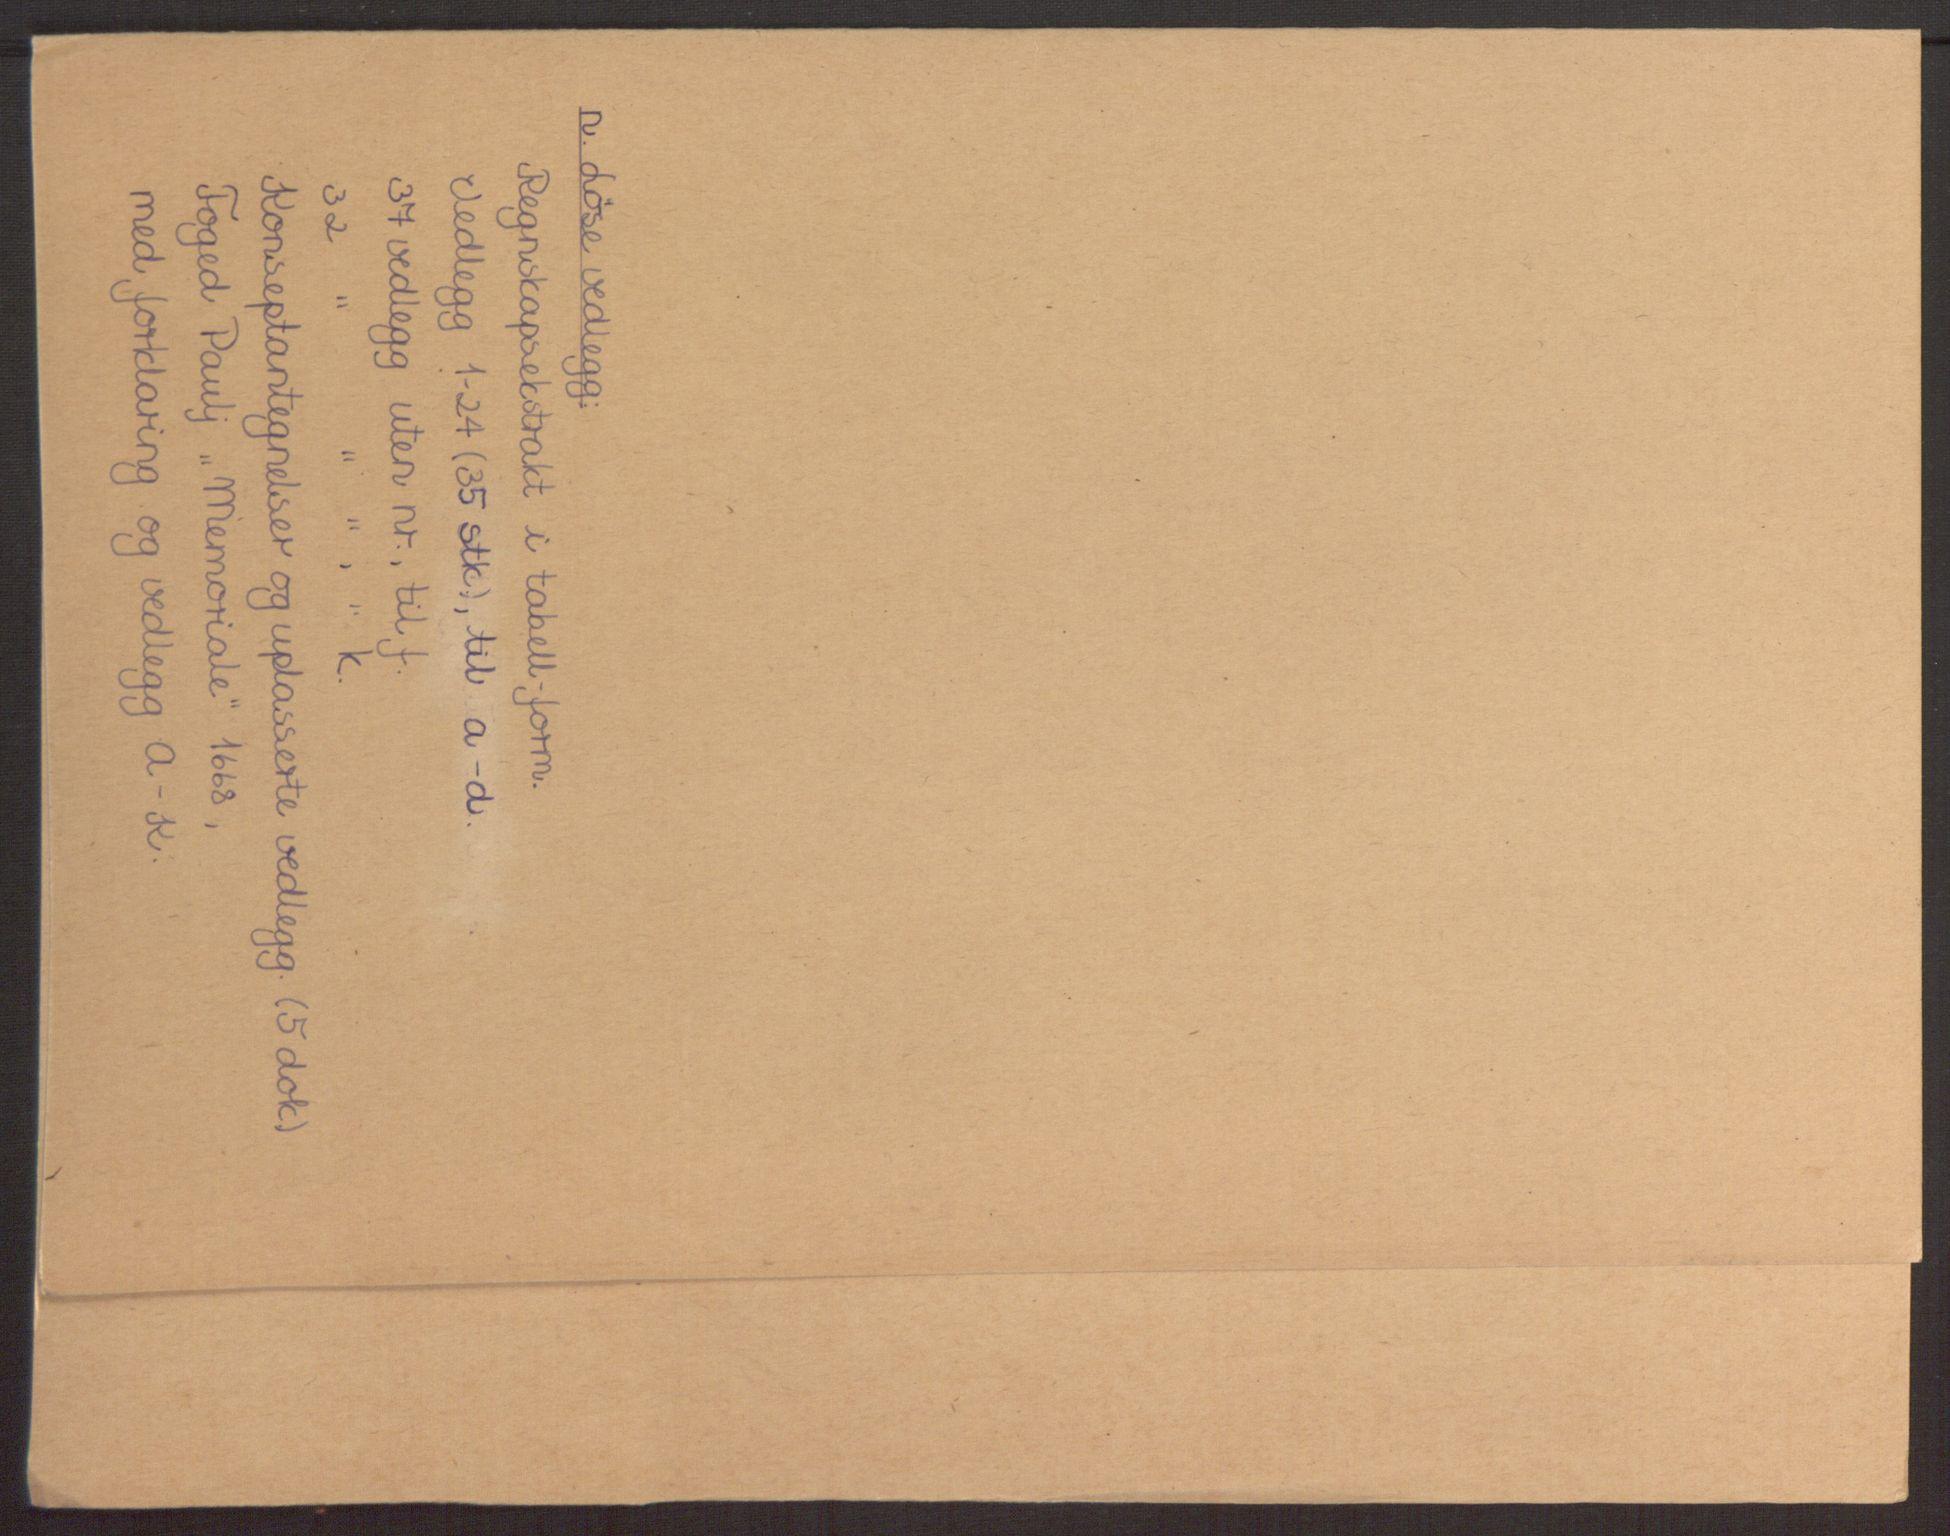 RA, Rentekammeret inntil 1814, Reviderte regnskaper, Fogderegnskap, R35/L2062: Fogderegnskap Øvre og Nedre Telemark, 1674, s. 152